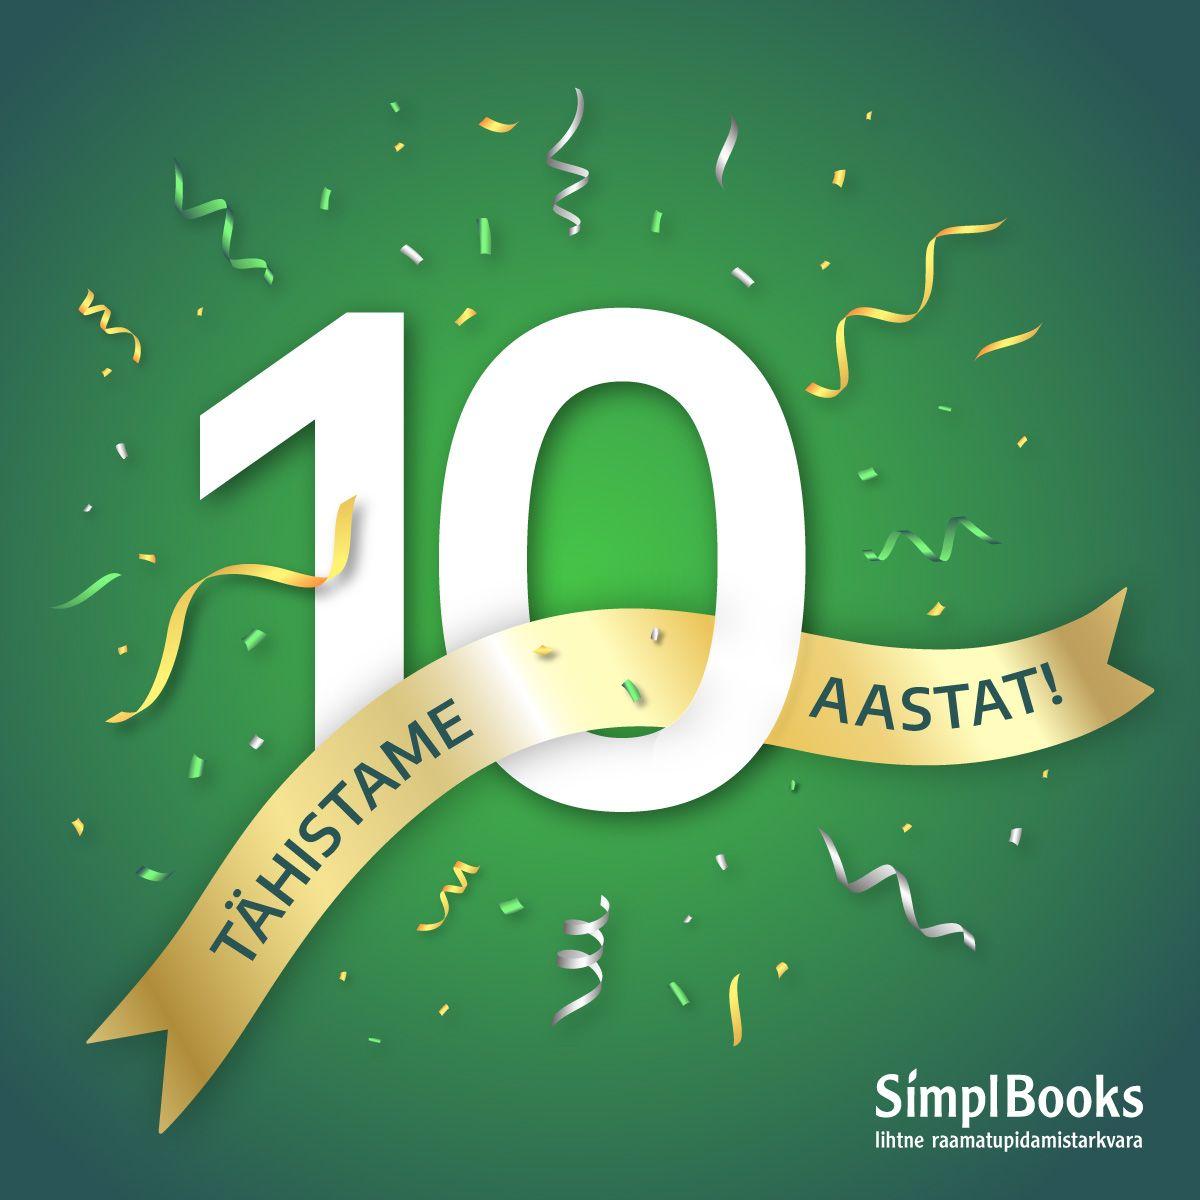 SimplBooks 10. juubel